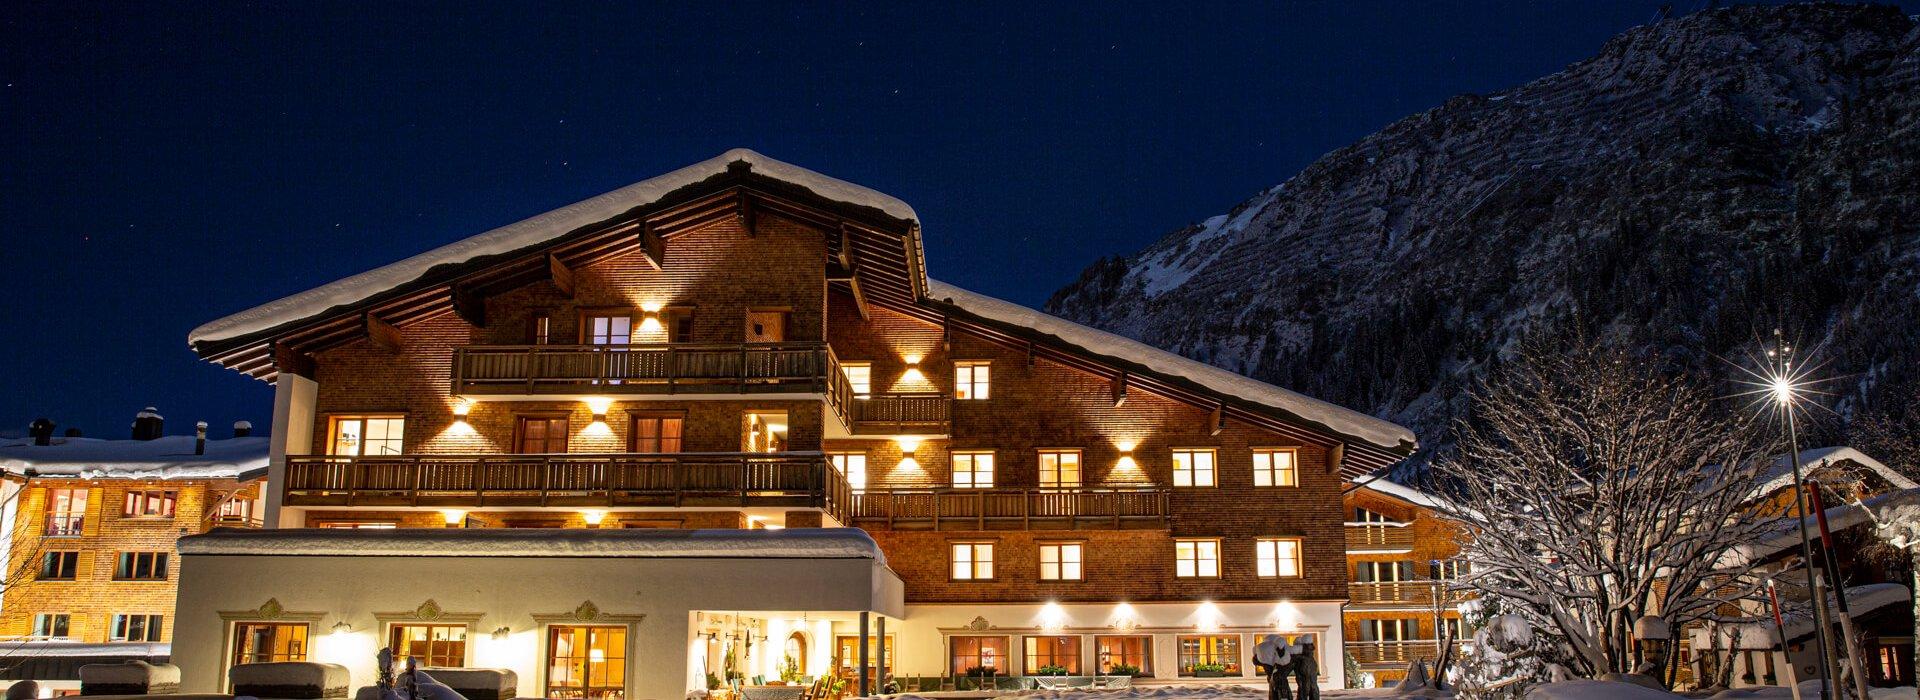 Außenansicht Hotel Aurora Winter